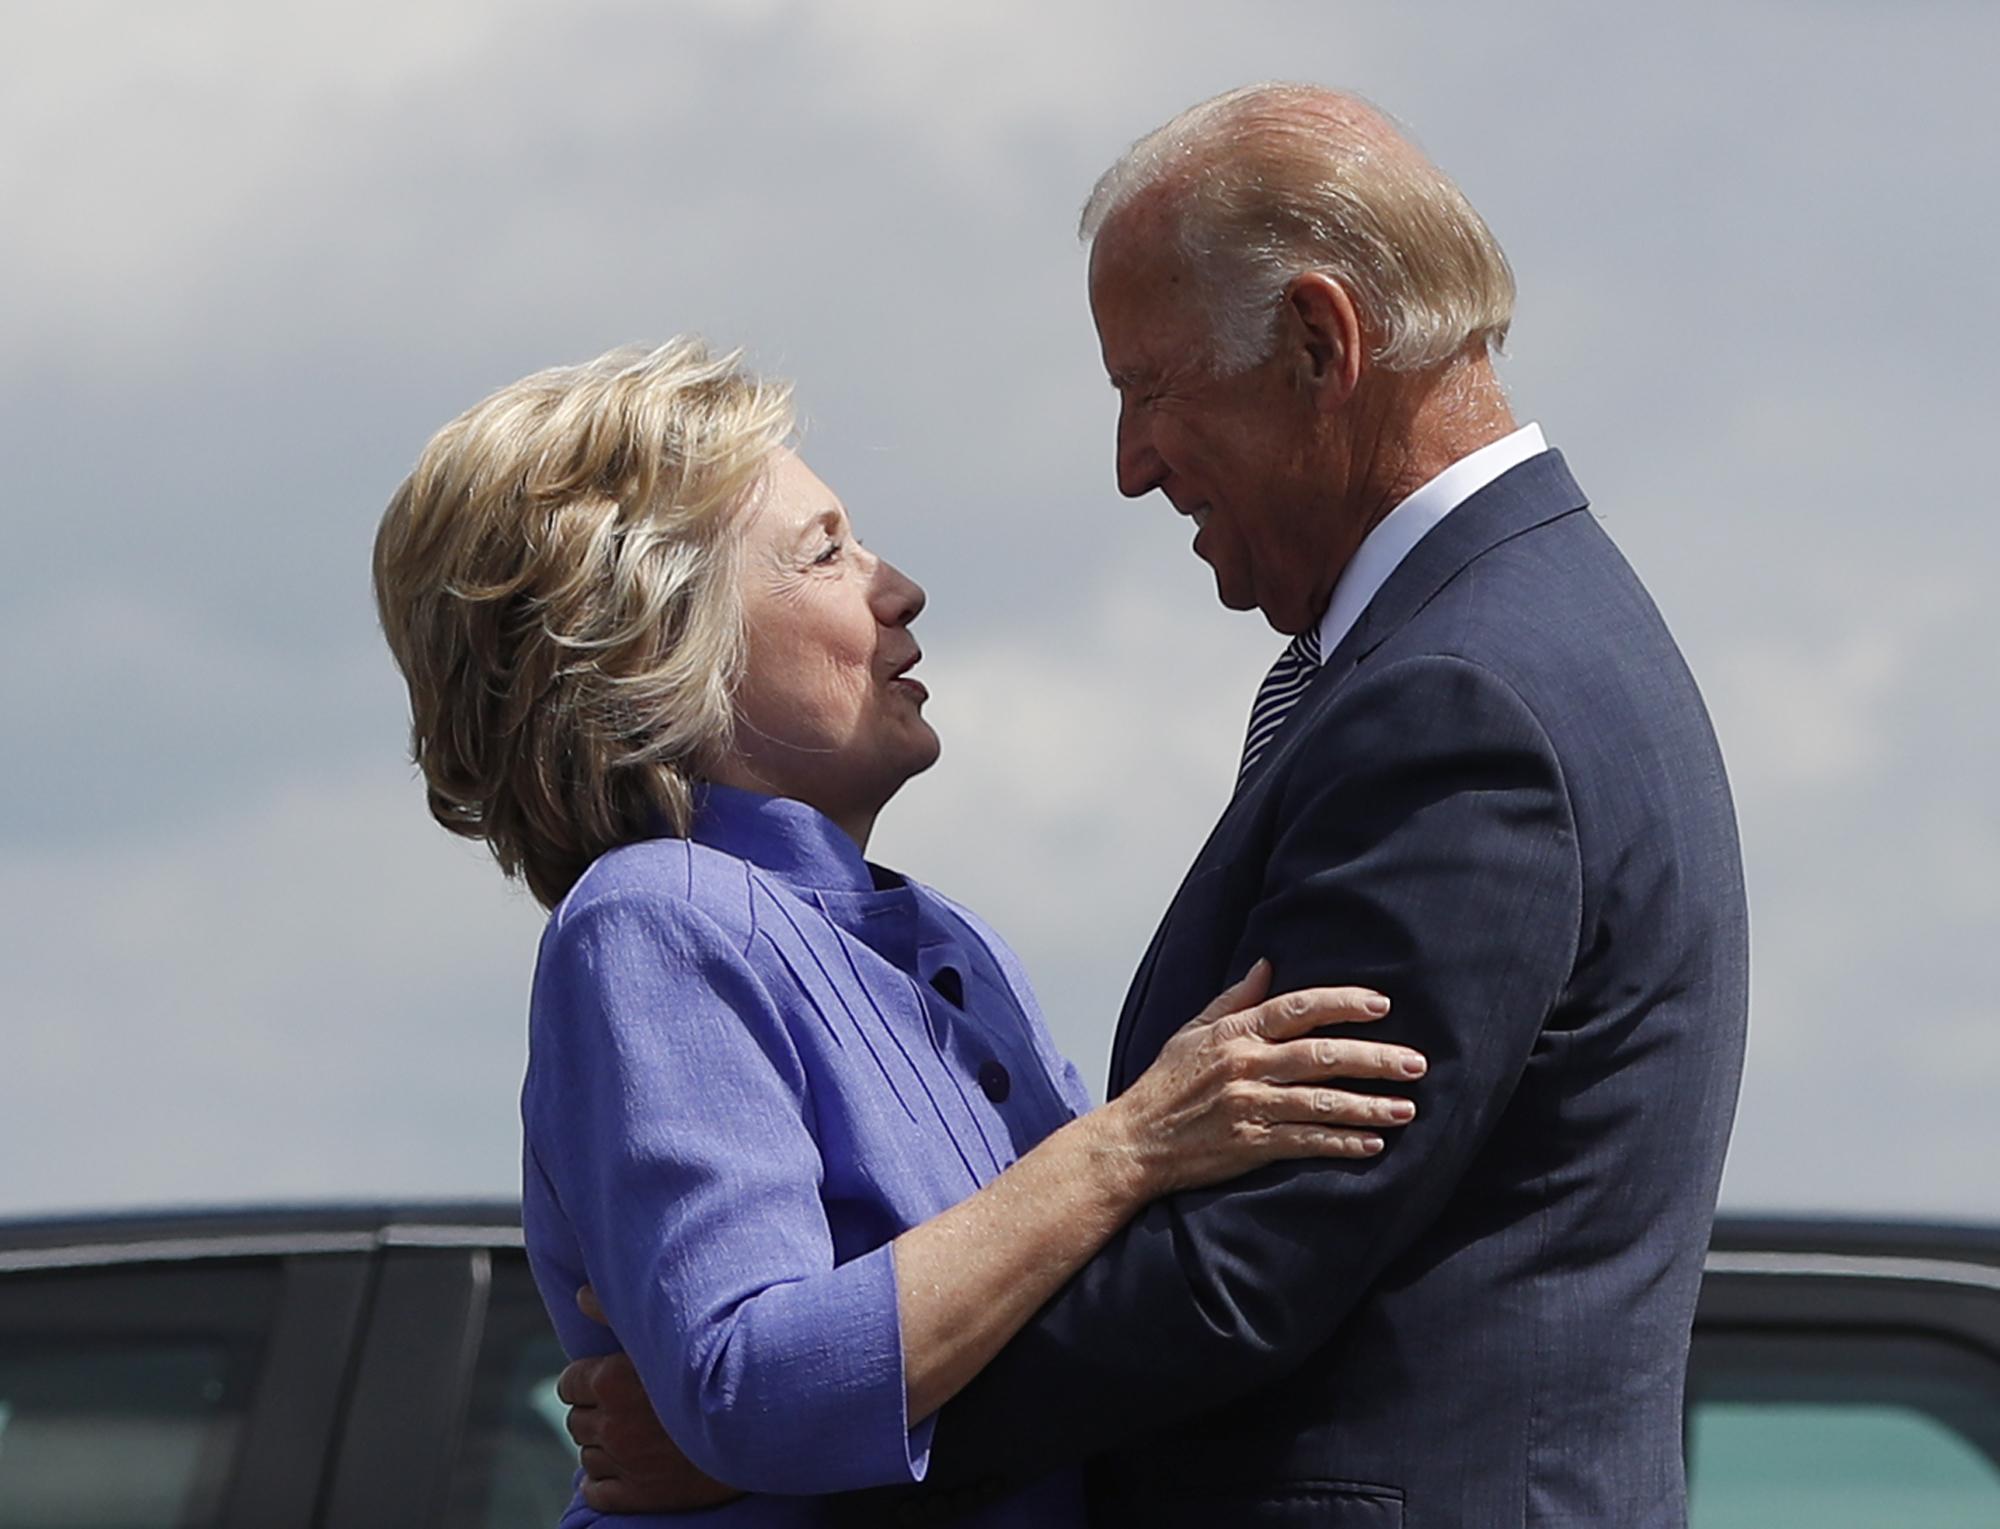 Tara Reade Slams Hillary Clinton S Biden Endorsement She S Enabling A Sexual Predator Washington Times